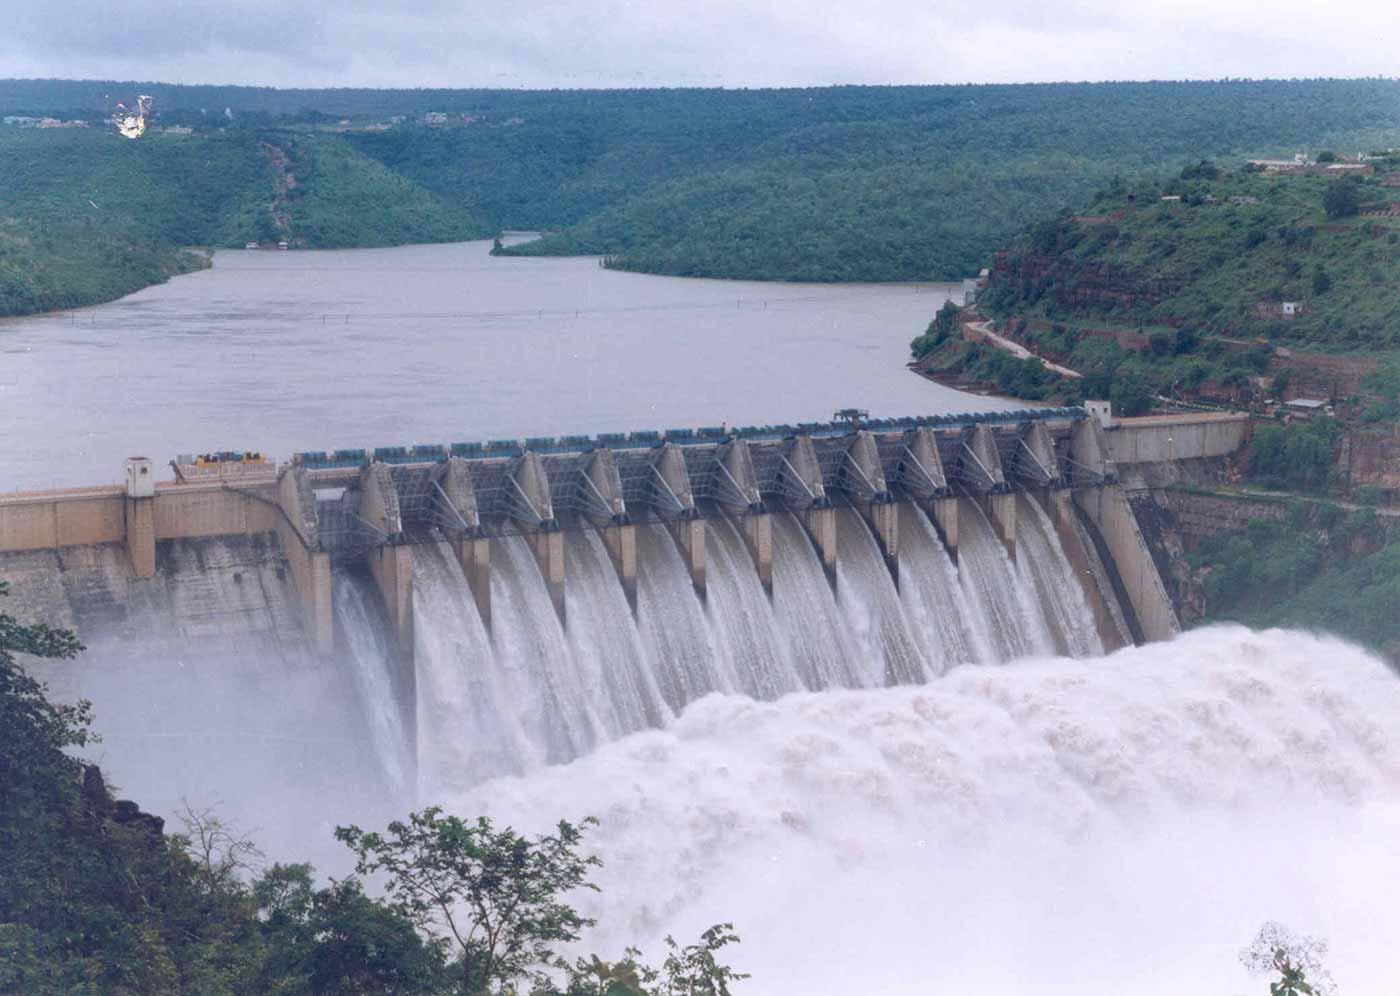 The Srisailam Dam in India.